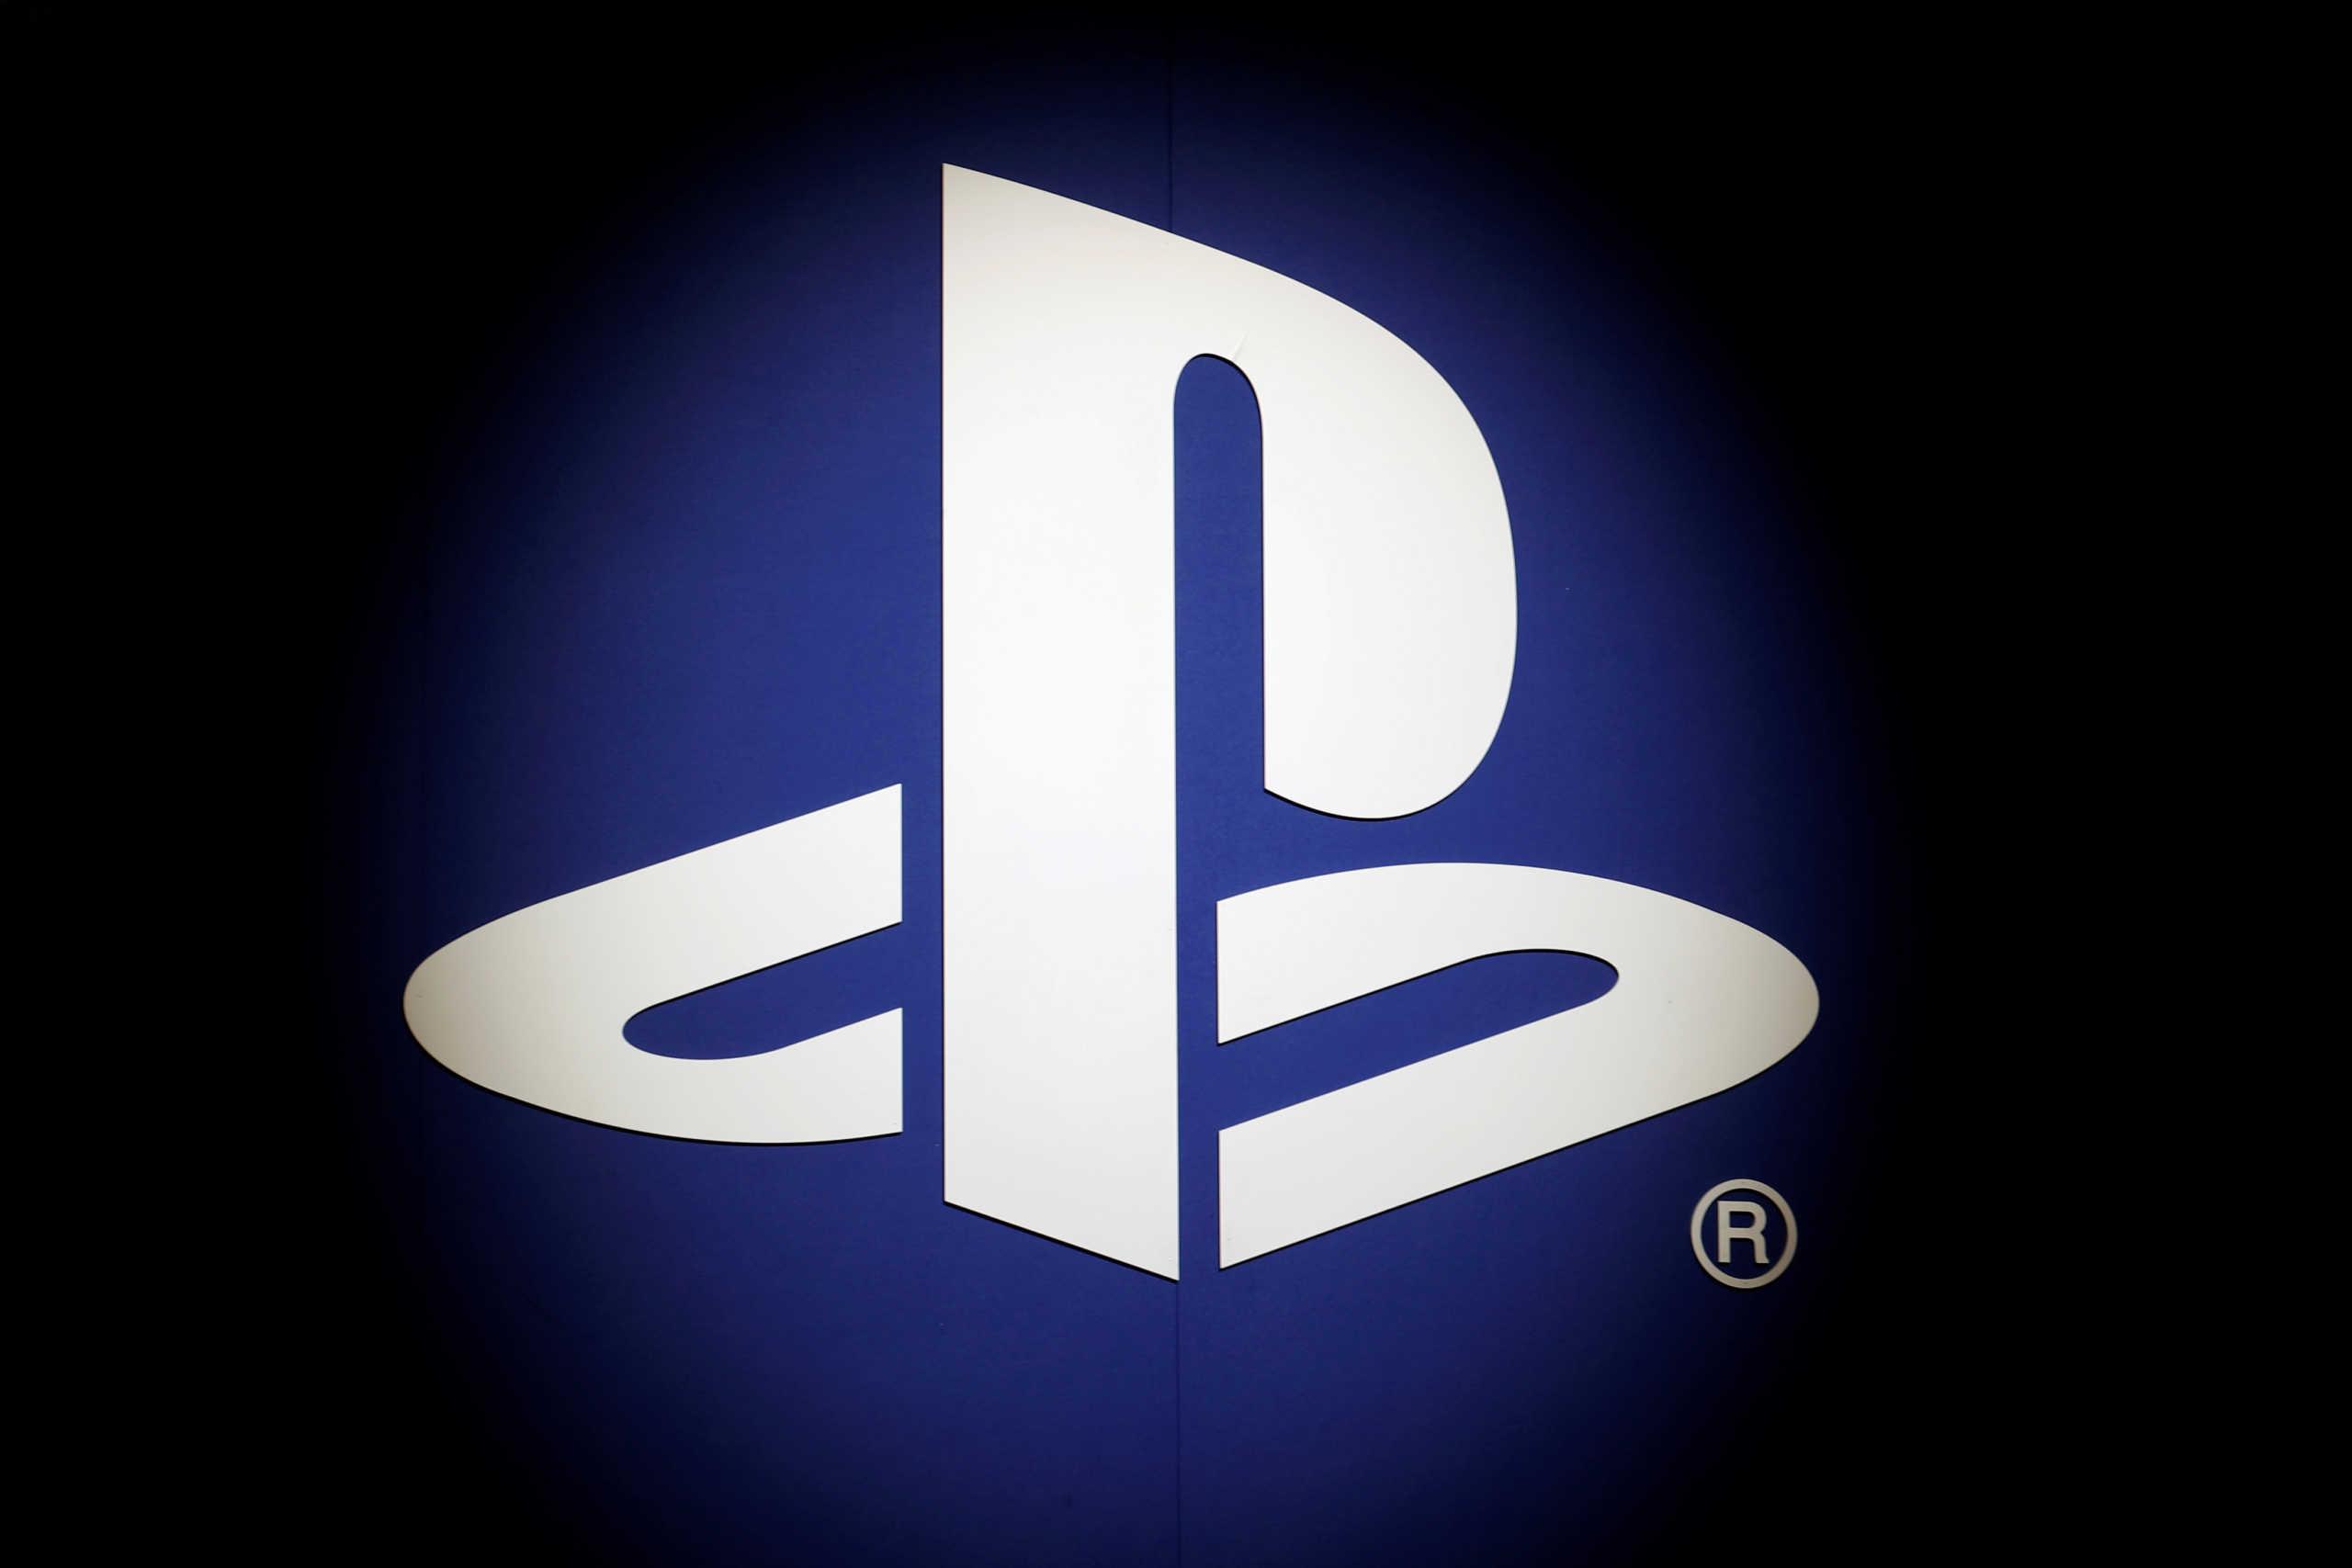 """Έφτασε η ώρα! """"Βγαίνουν"""" στην αγορά Playstation 5 και Χbox Series X"""